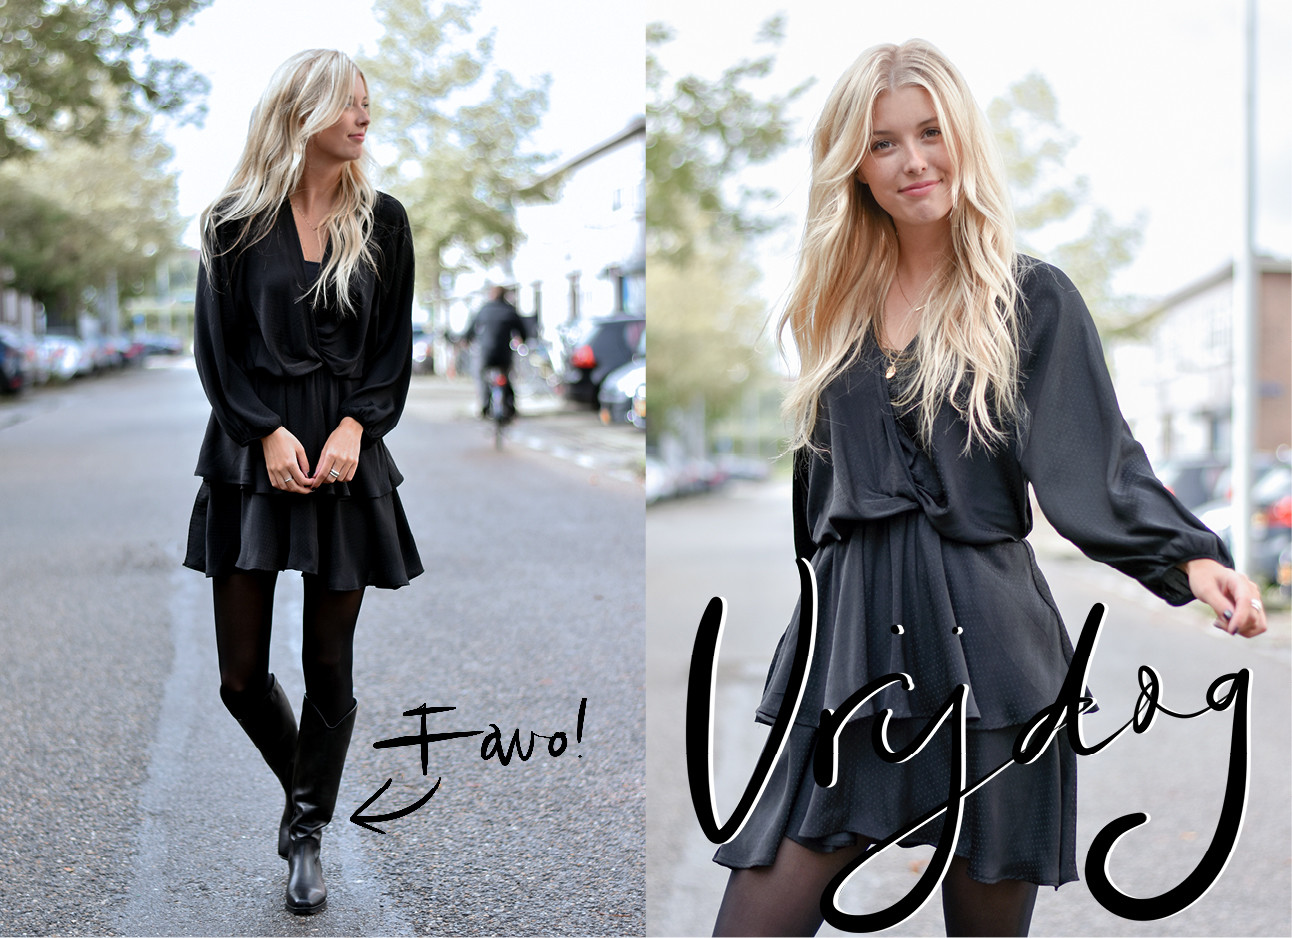 annabelle die een zwarte jurk draagt en buiten op straat loopt